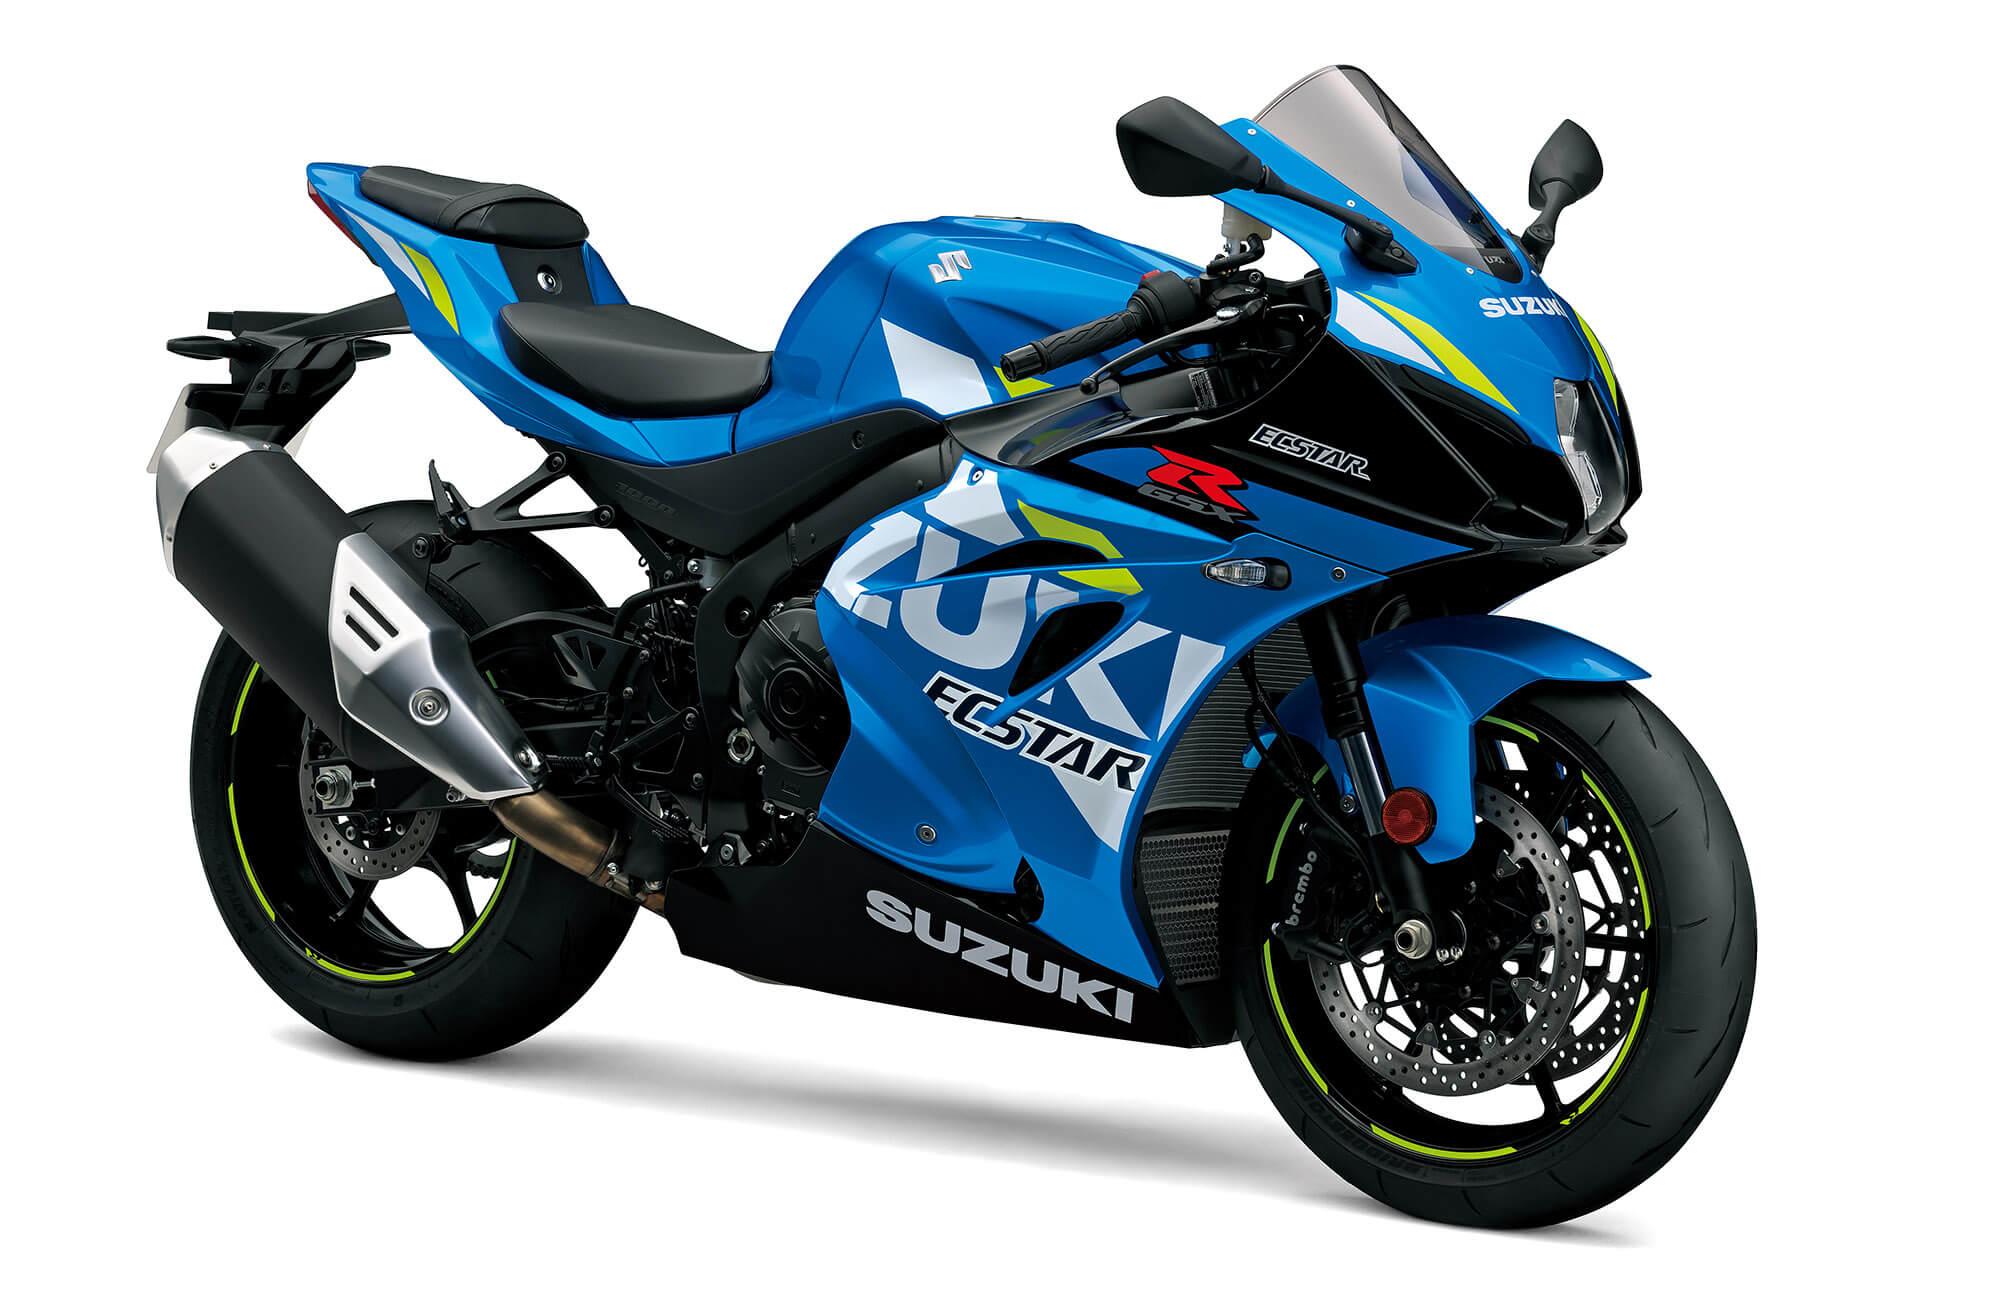 2020 GSX-R1000A